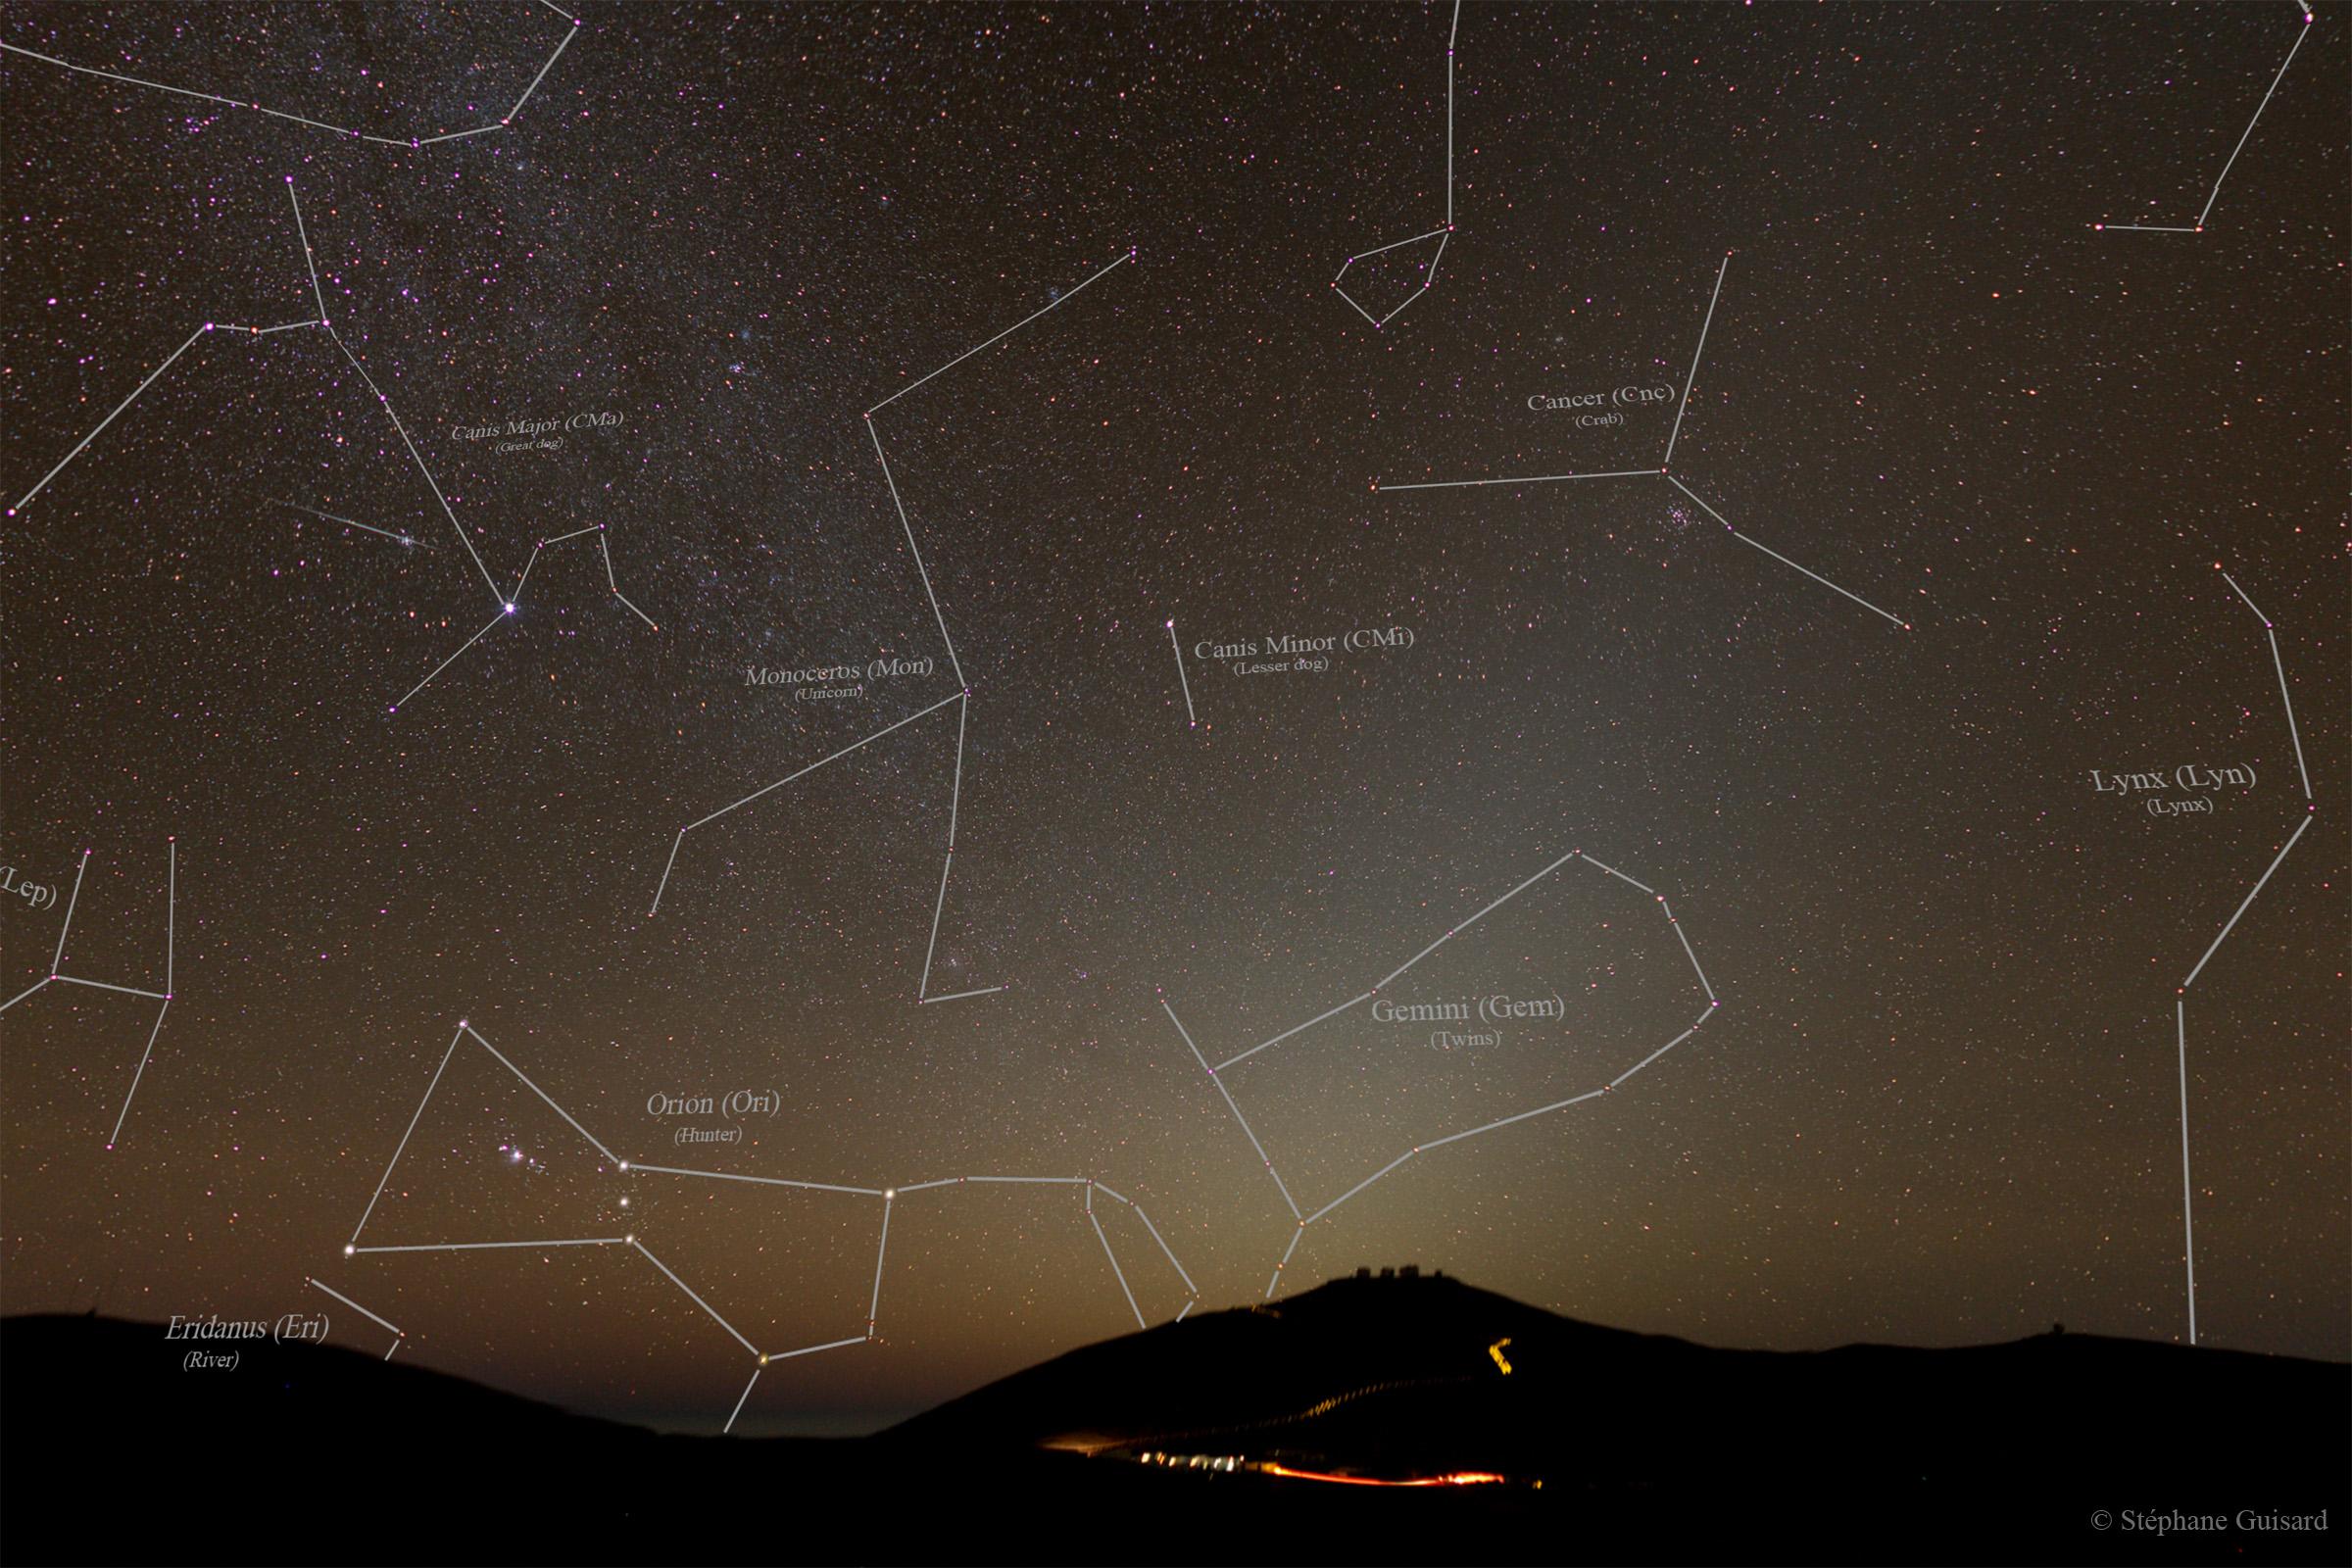 https://i1.wp.com/sguisard.astrosurf.com/Anim-astro/Paranal-ZL-MW/SGU-Paranal-Zodiacal_Light-MW-West-const-names-M-cp10.jpg